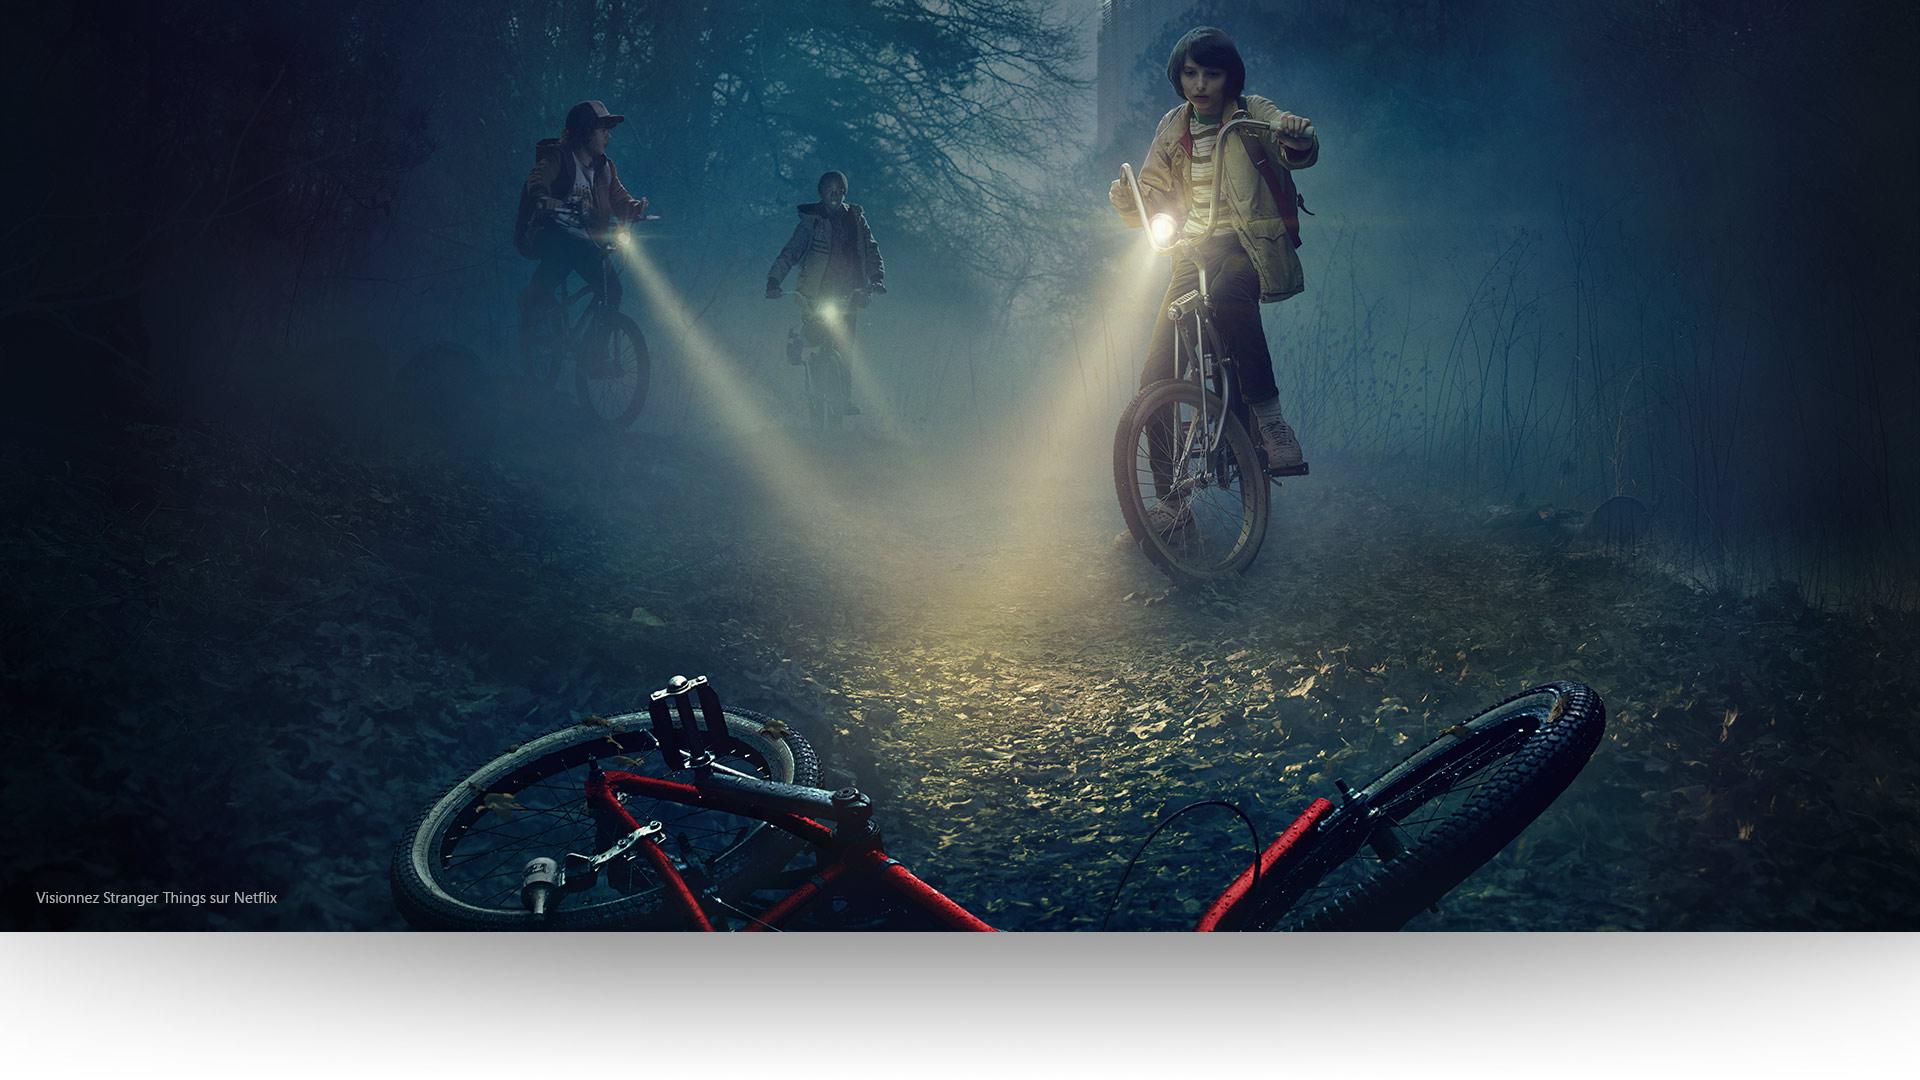 Stranger Things - Dustin, Lucas et Mike éclairent un vélo abandonné le long d'un chemin forestier lugubre.